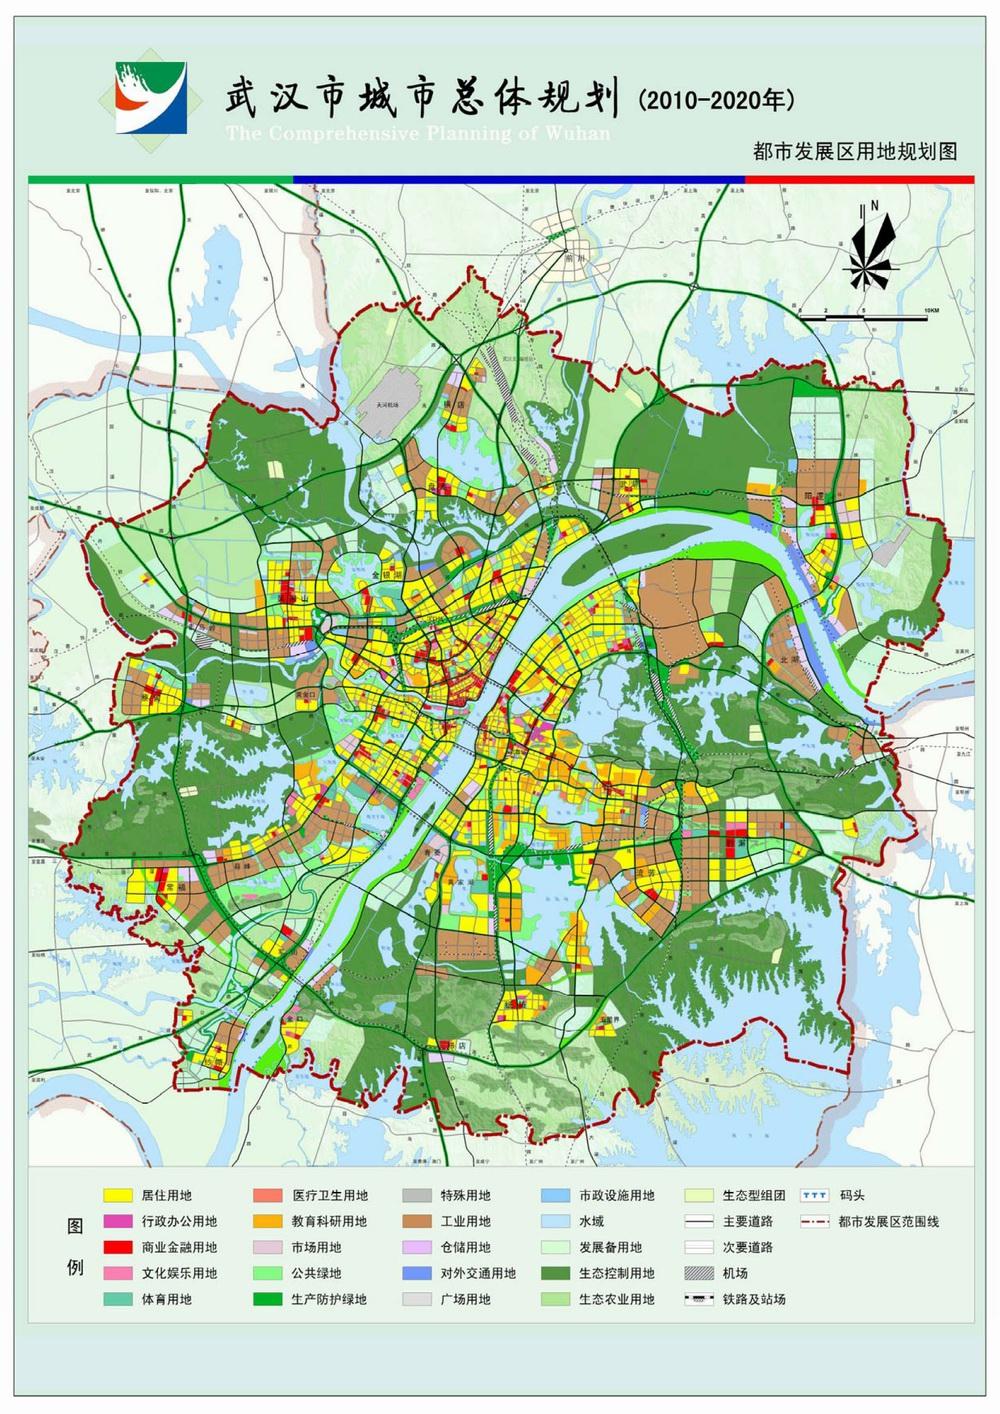 武汉市总体规划2010 2020年